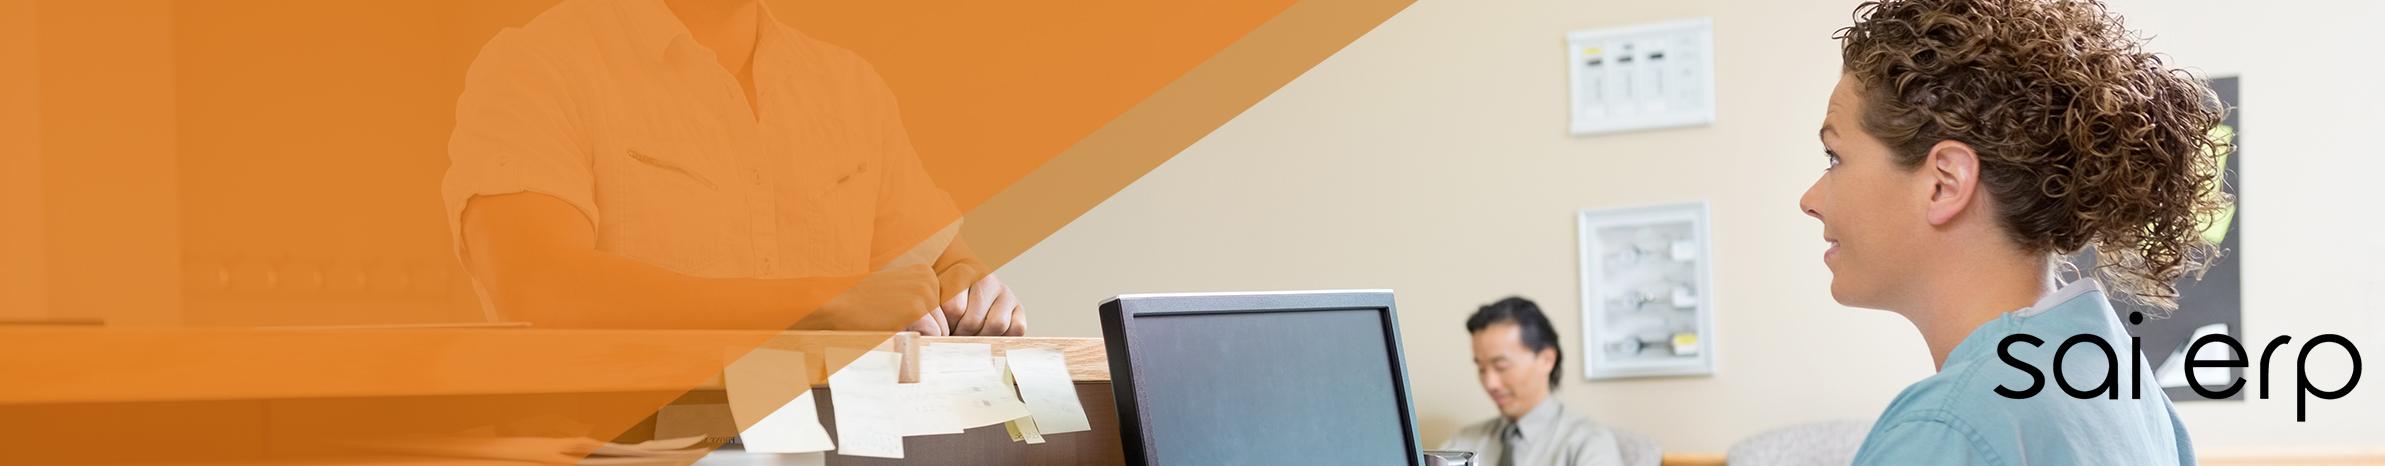 clients-sai-erp-logiciel-informatique-institutions-ems-administration-services-rh-ressources-humaines-fiduciaires-notaire-avocat